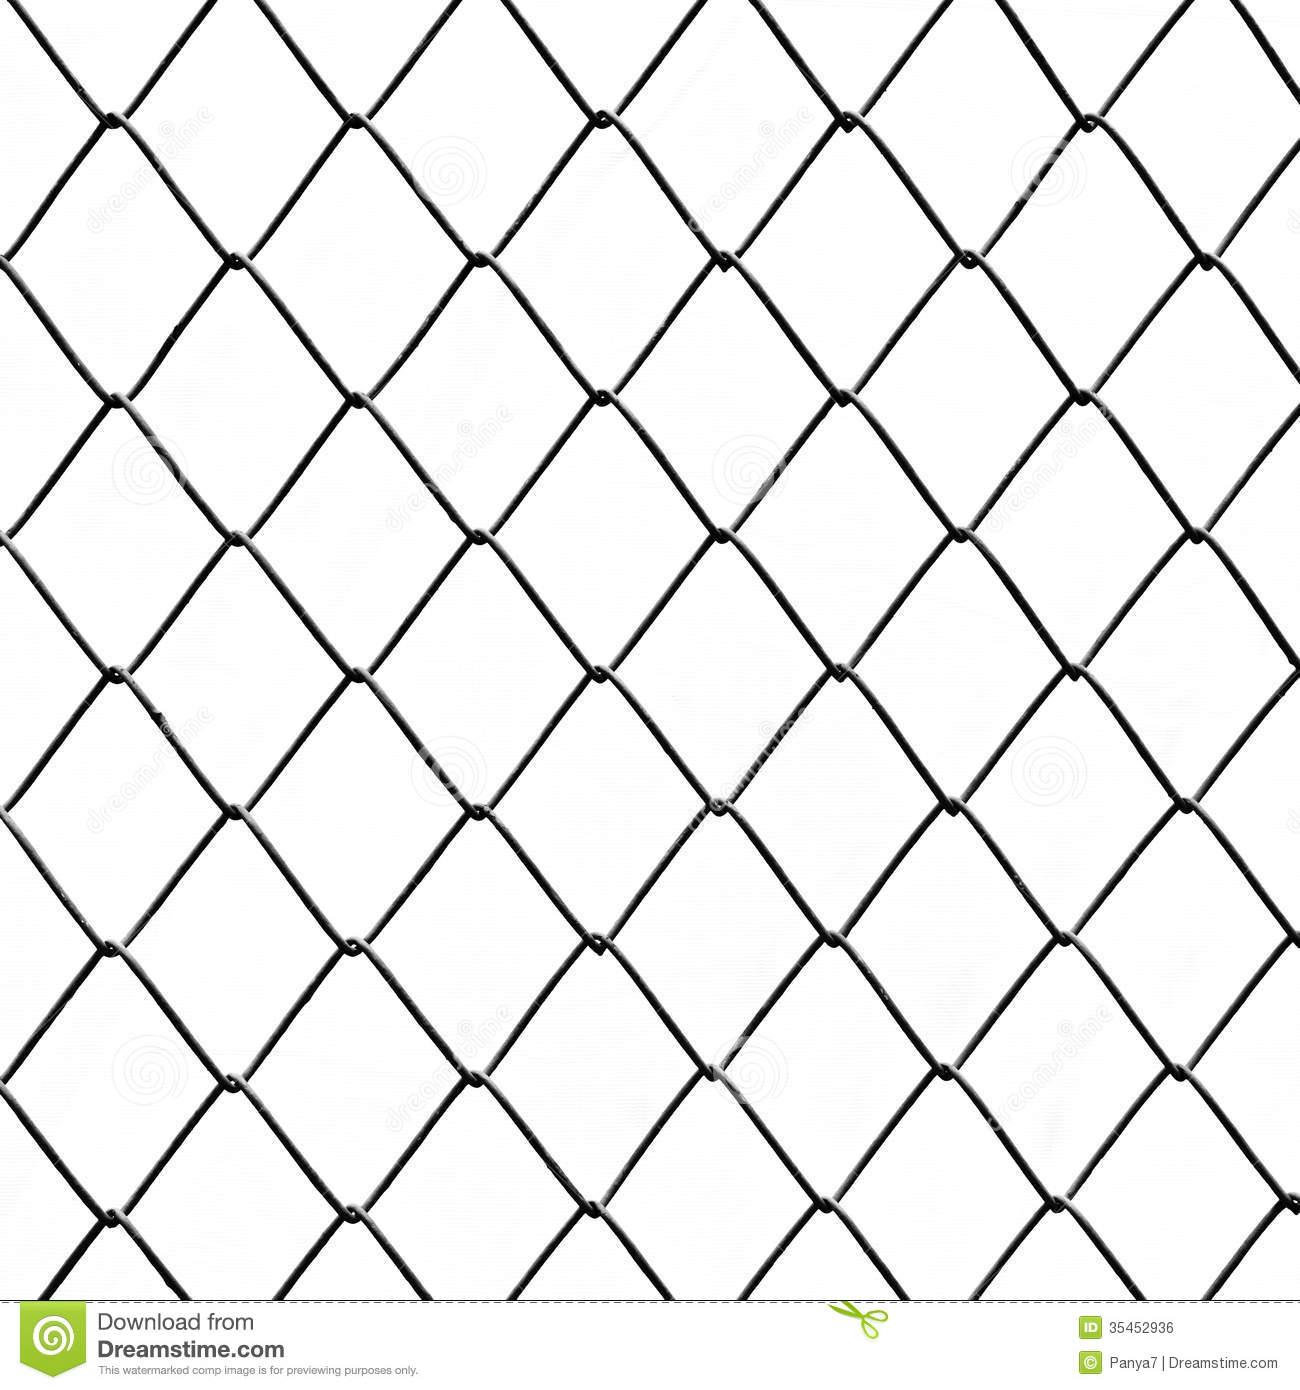 Soccer Goal Net Royalty Free Stock Image.